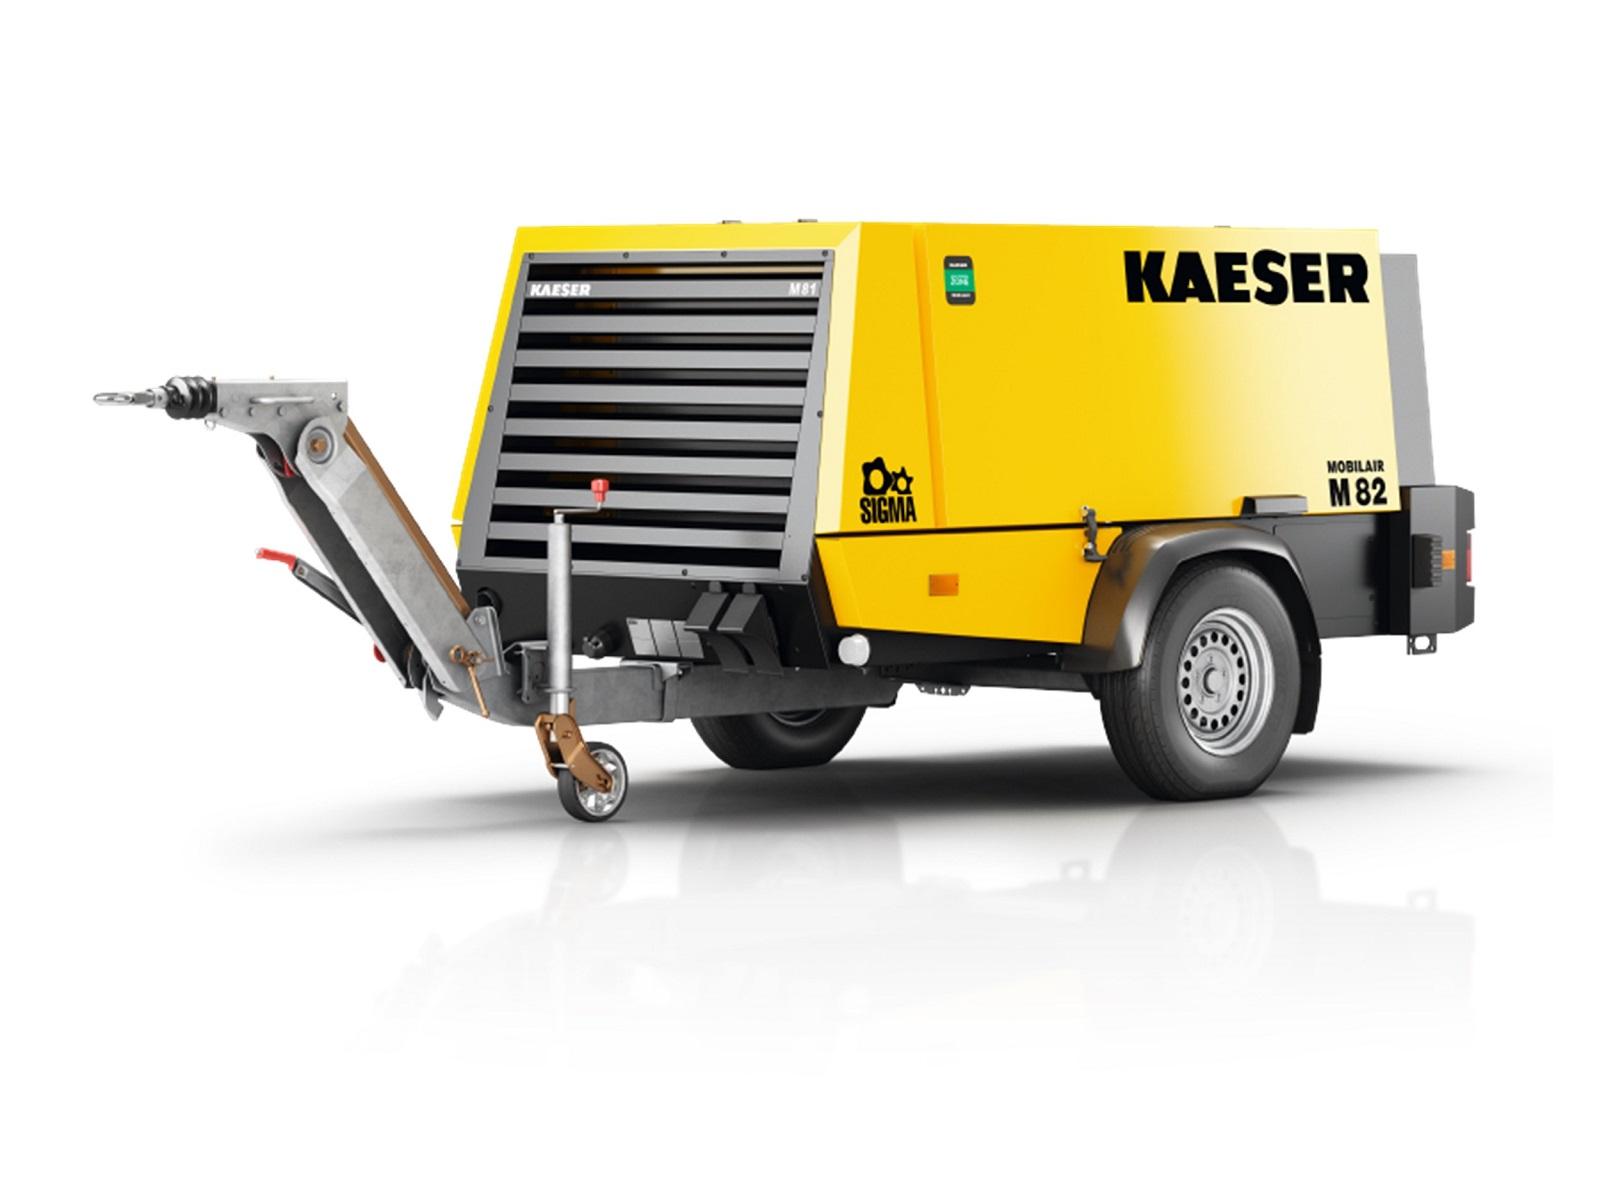 Kompressor Kaeser